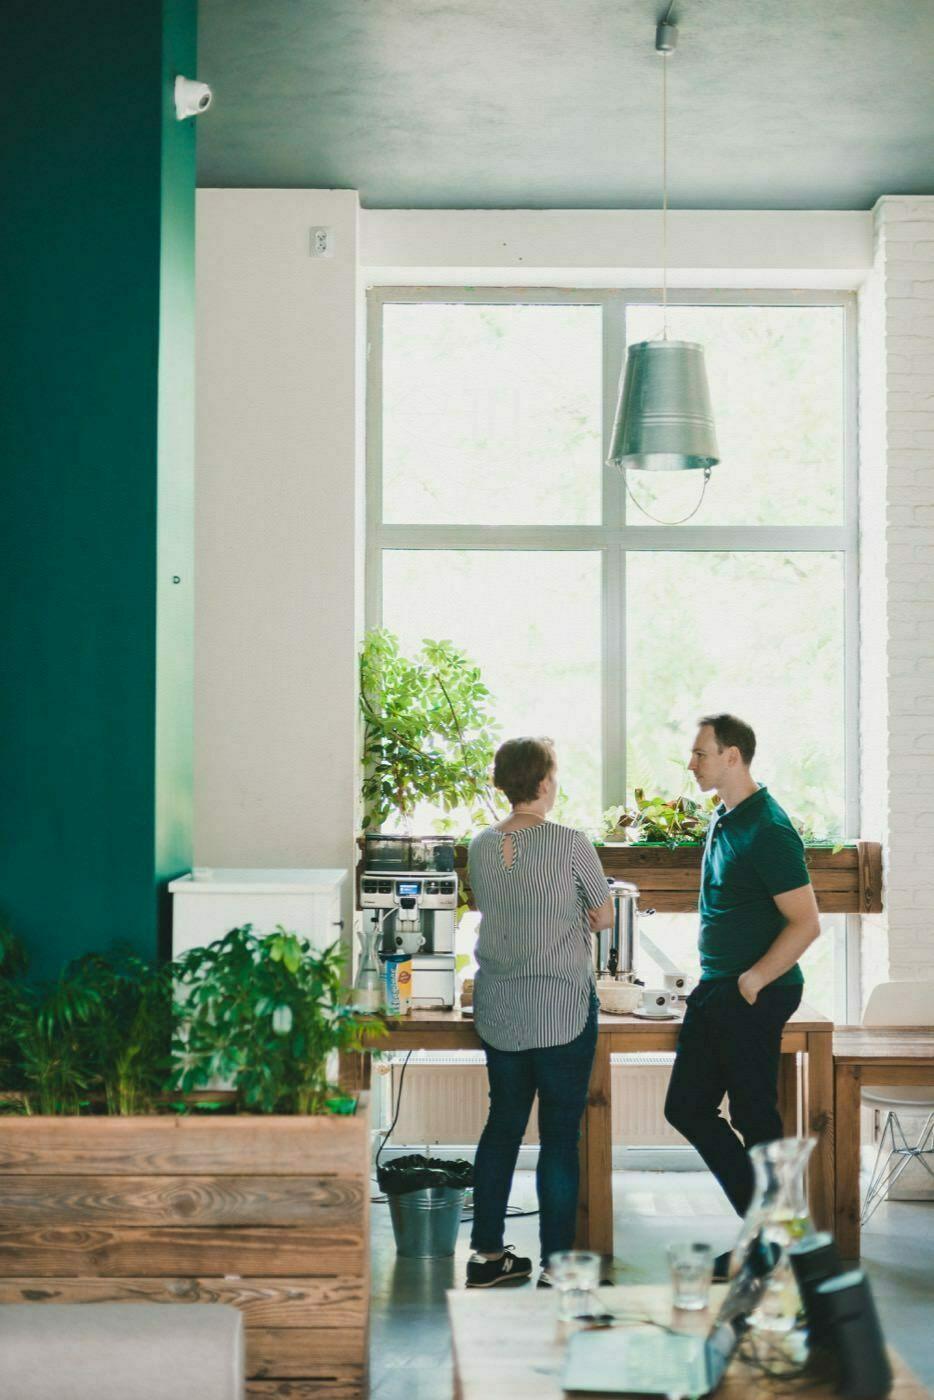 Kobieta i mężczyzna rozmawiają w zielonym pomieszczeniu z wysokimi oknami i lampą zrobioną z wiadra